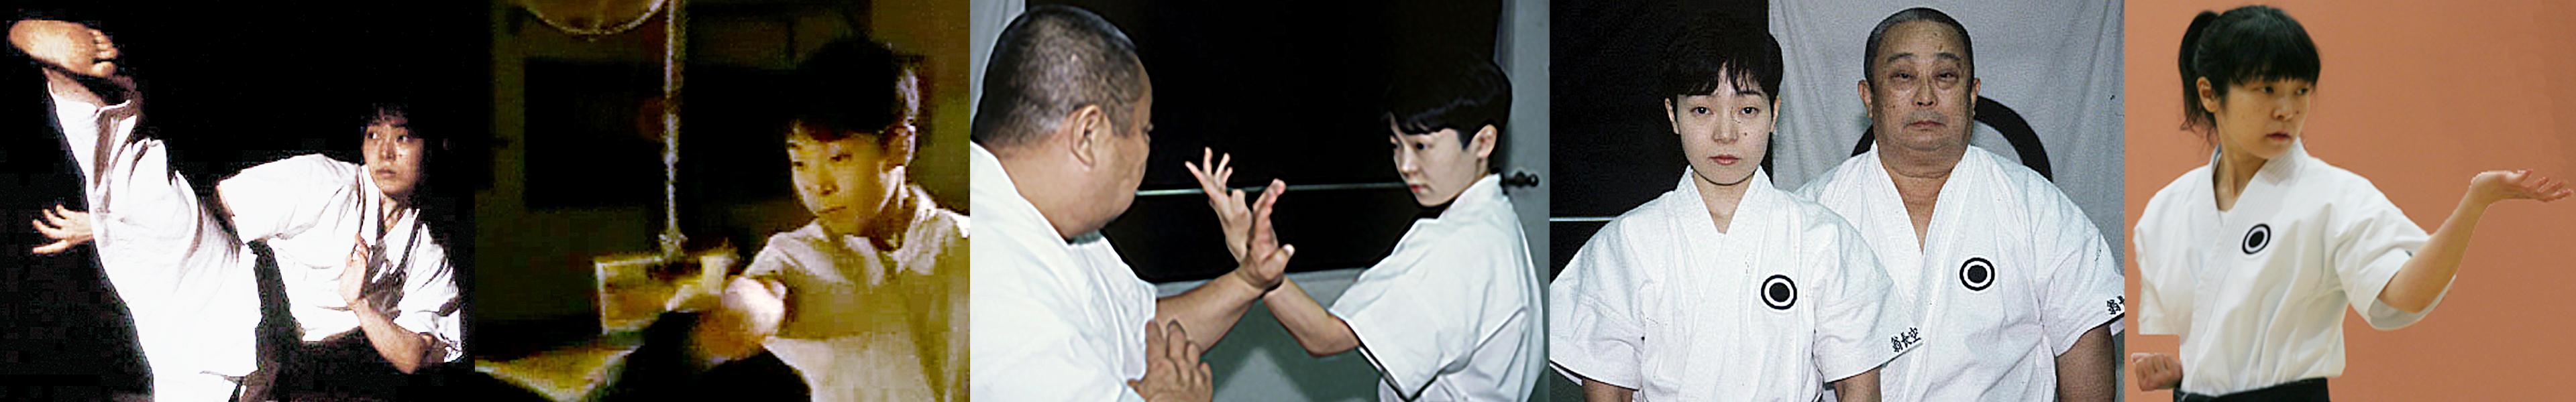 Shinjinbukan; Onaga Yoshimitsu; Shinjinbukan.com